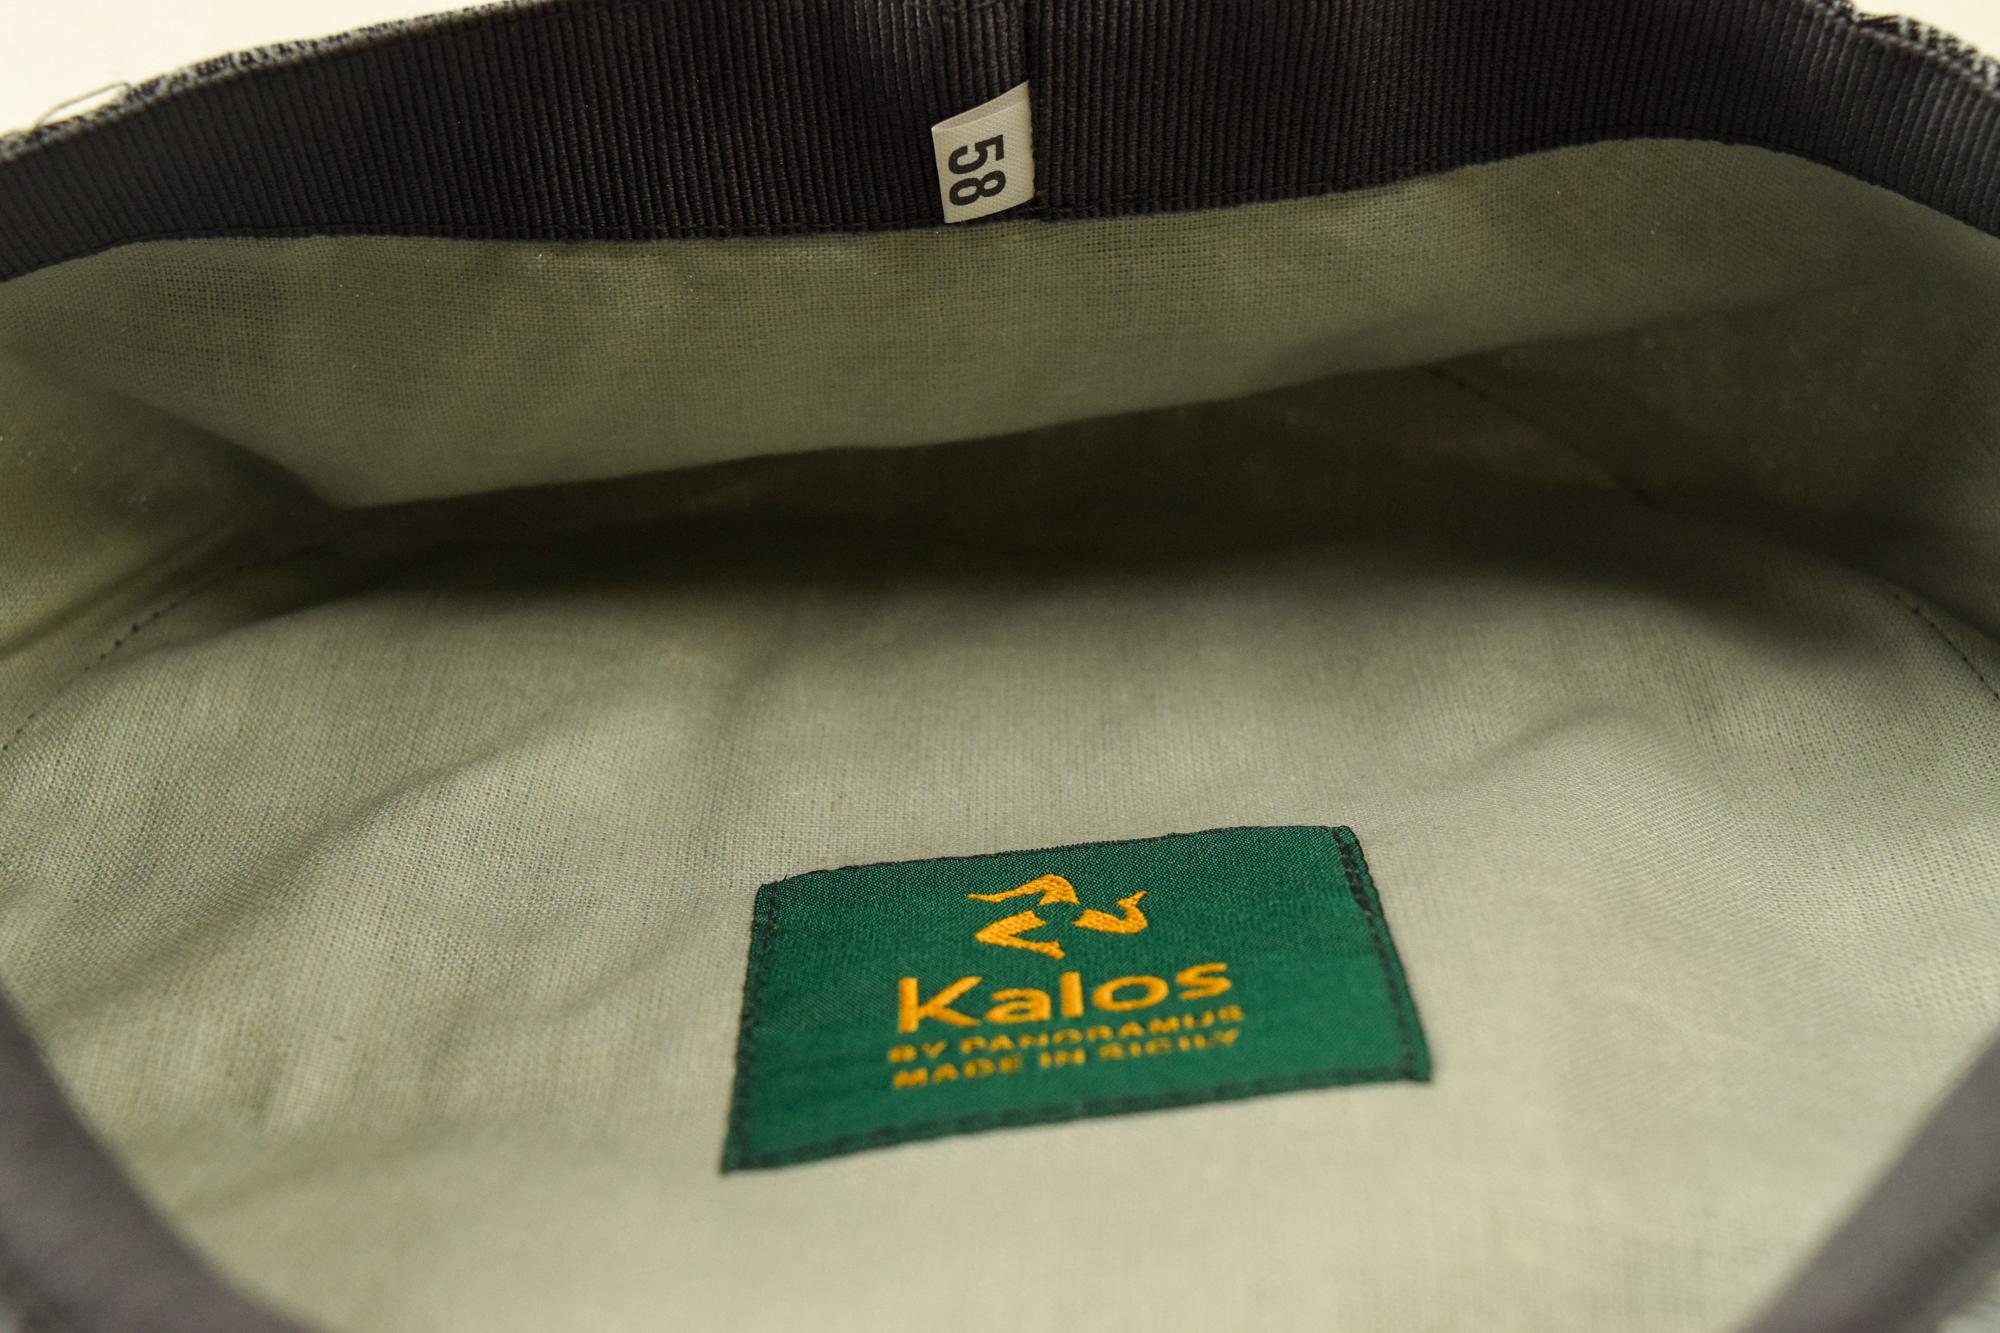 KAKAPO'(カカポー)57㎝